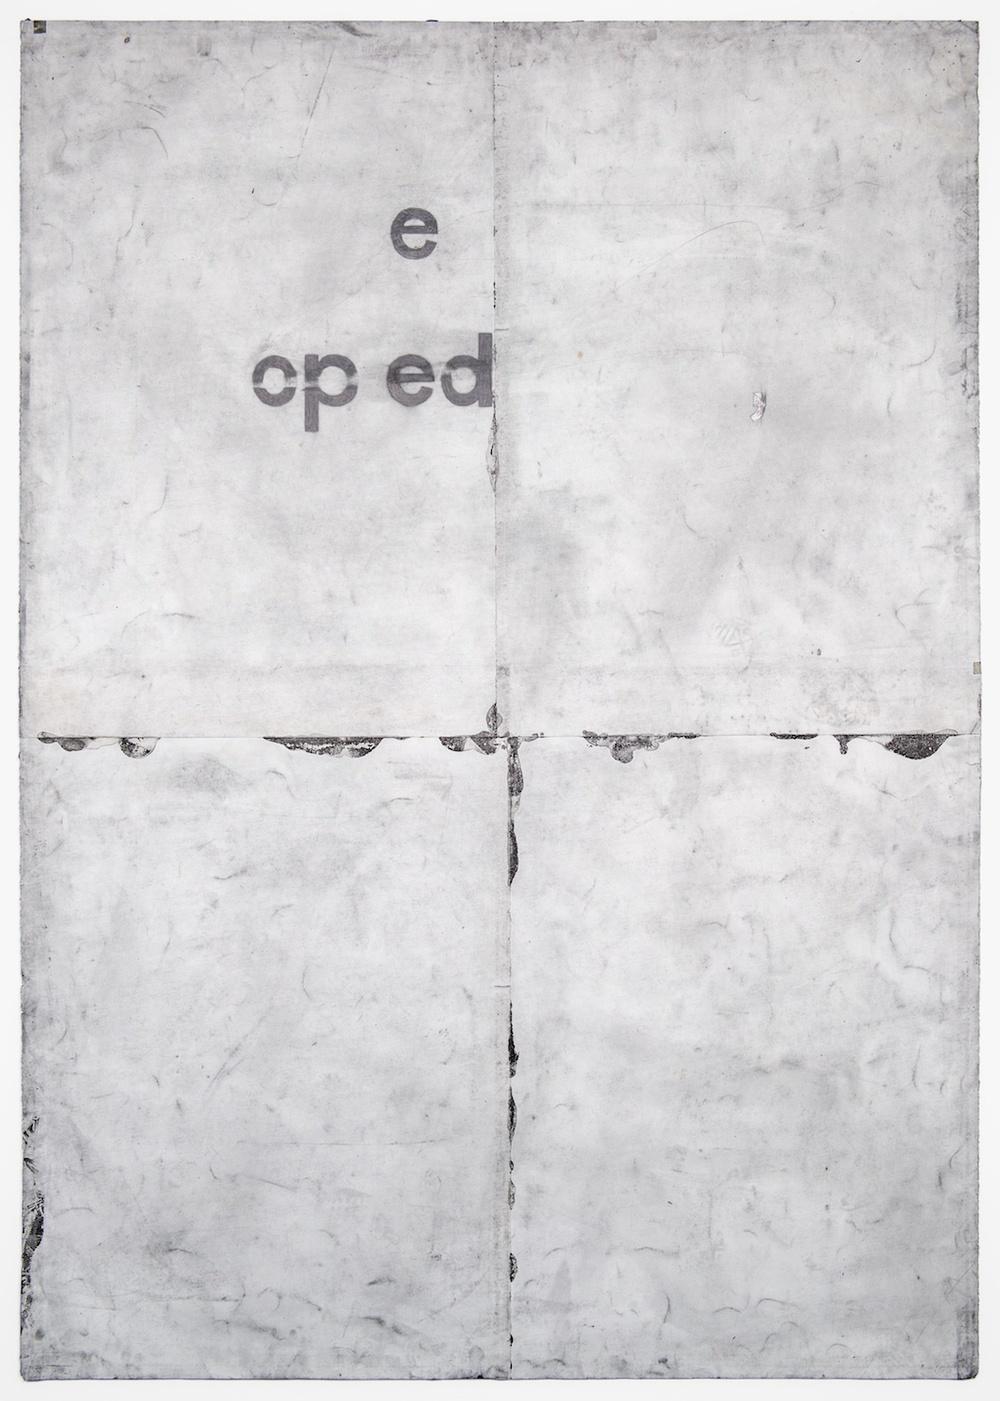 Tony Lewis  ,de po e  2011 Pencil and powdered graphite on paper 84h x 60w in TL028